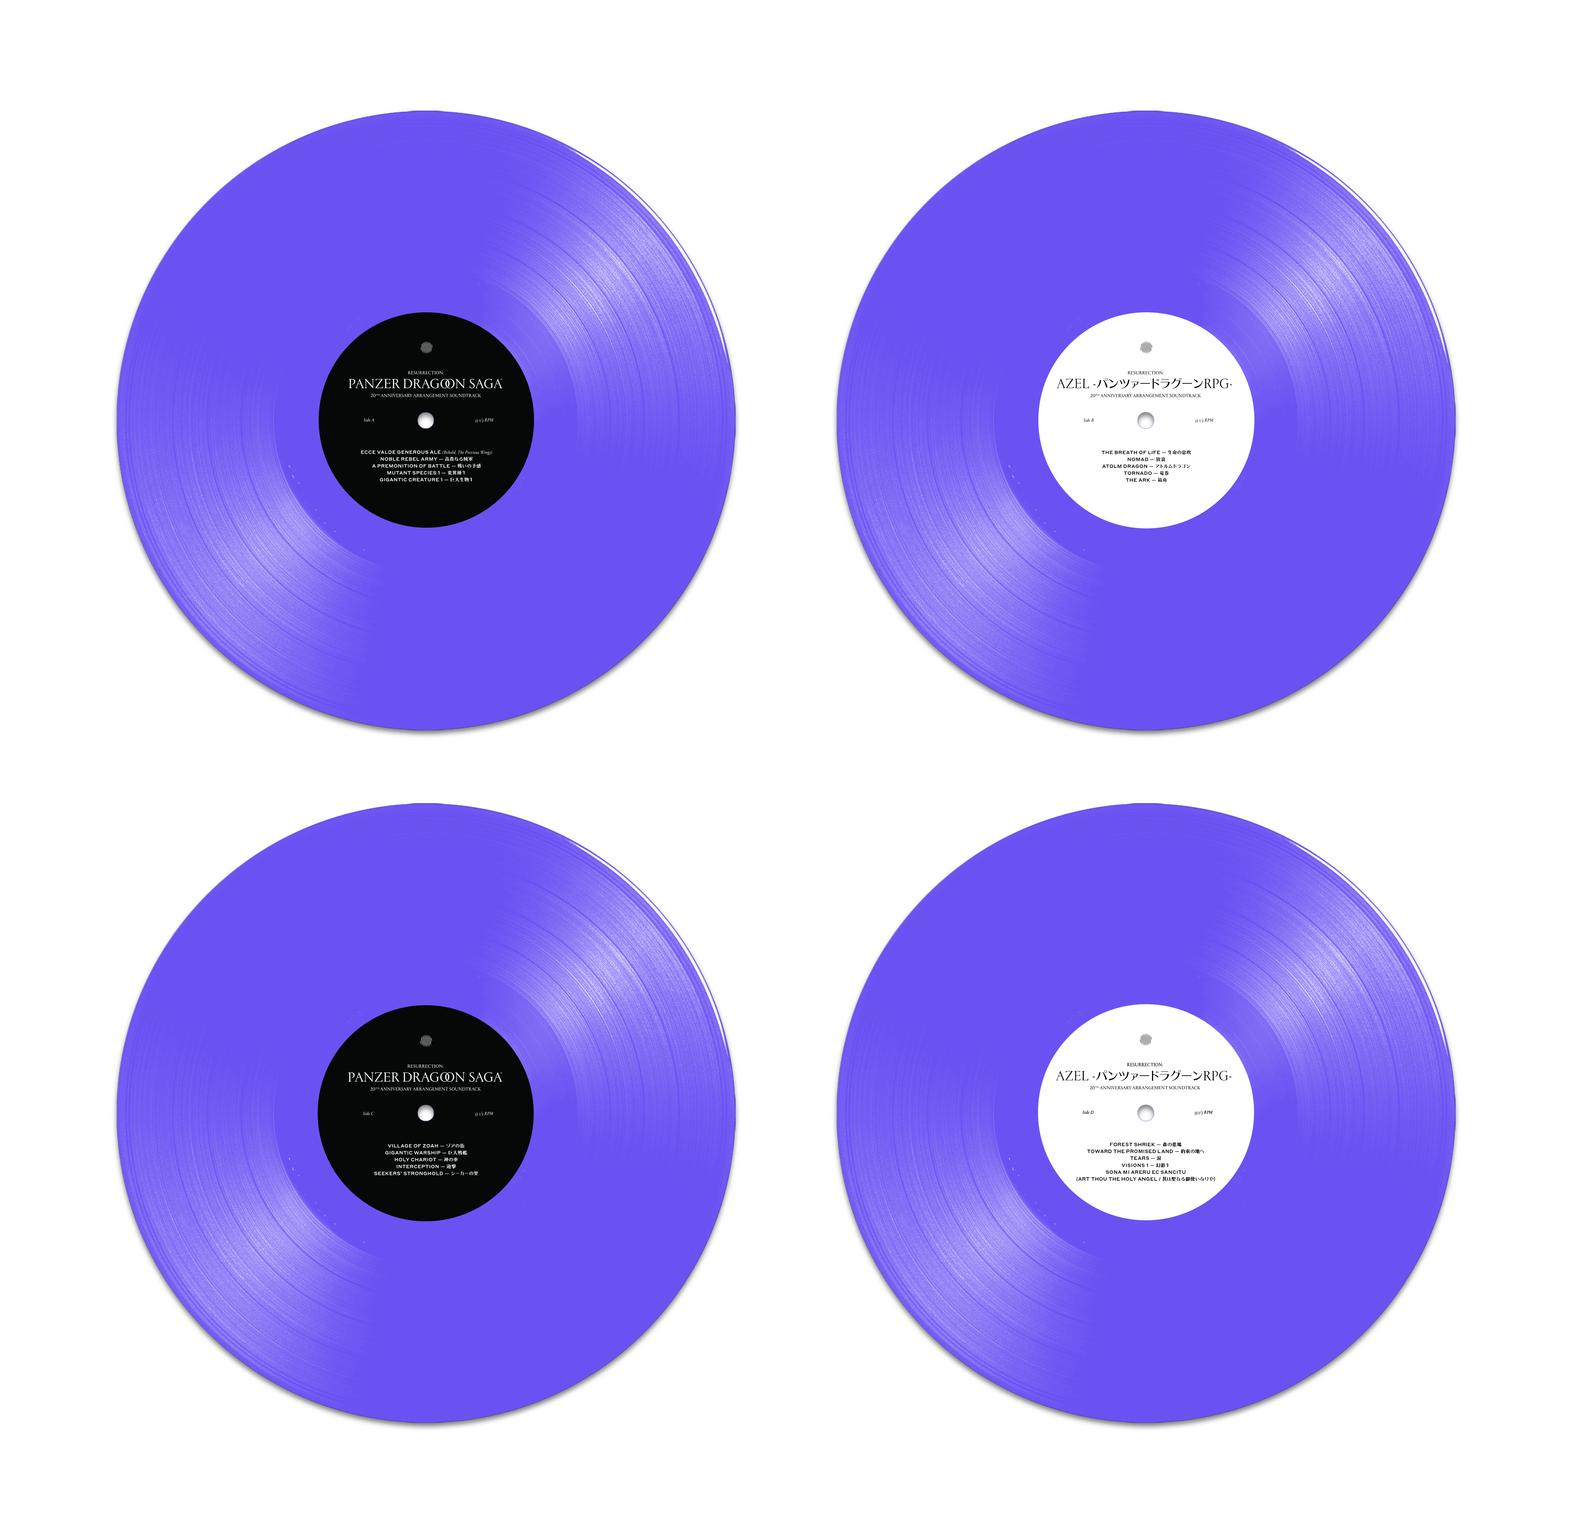 Vinyl Color Mockup and Label Design Mockup